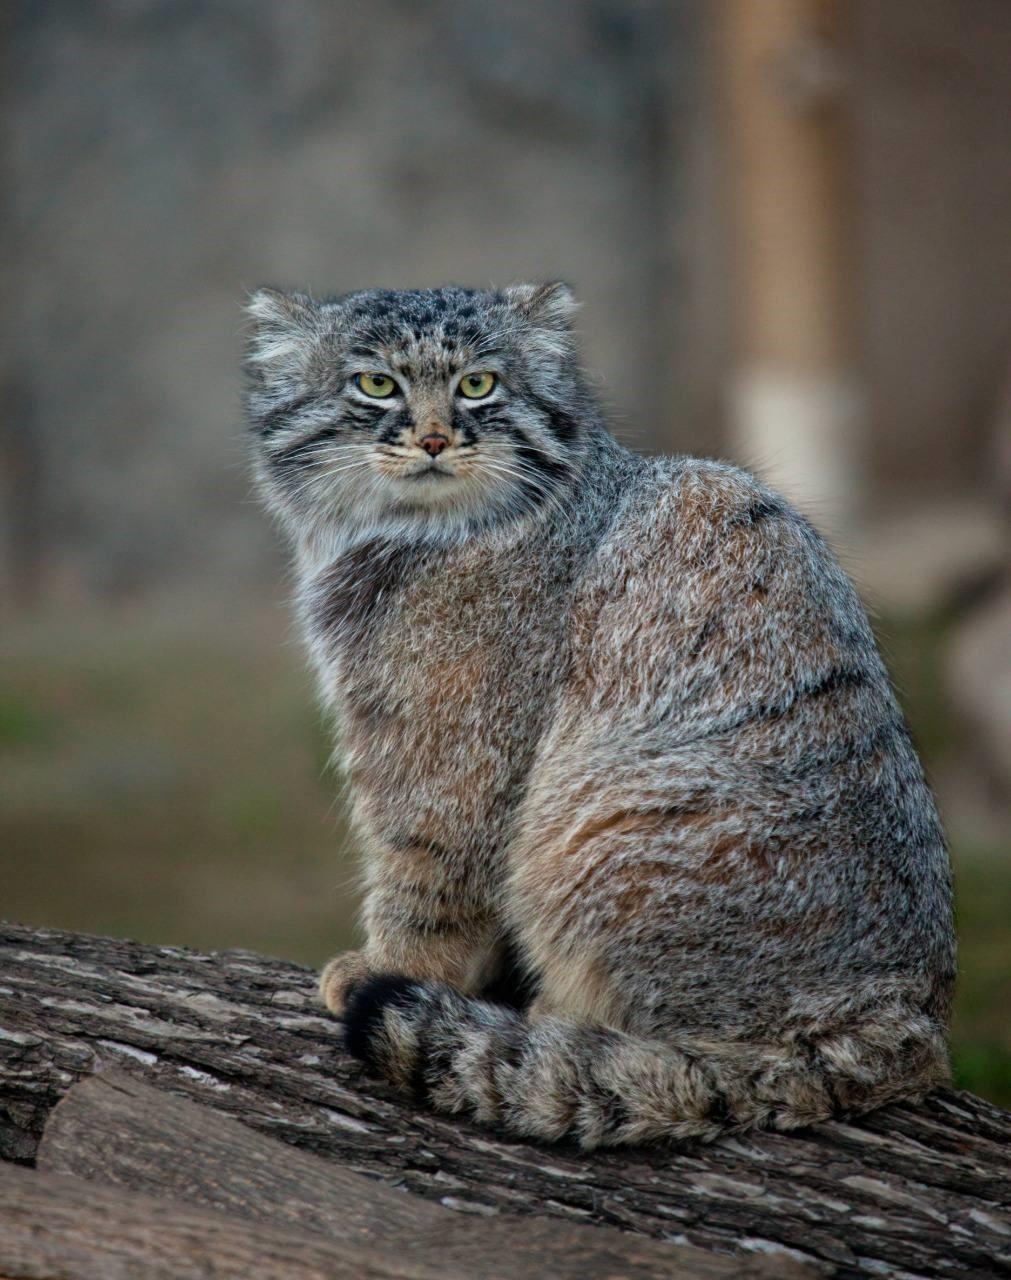 А вы знаете, в каком году манул стал символом Московского зоопарка?